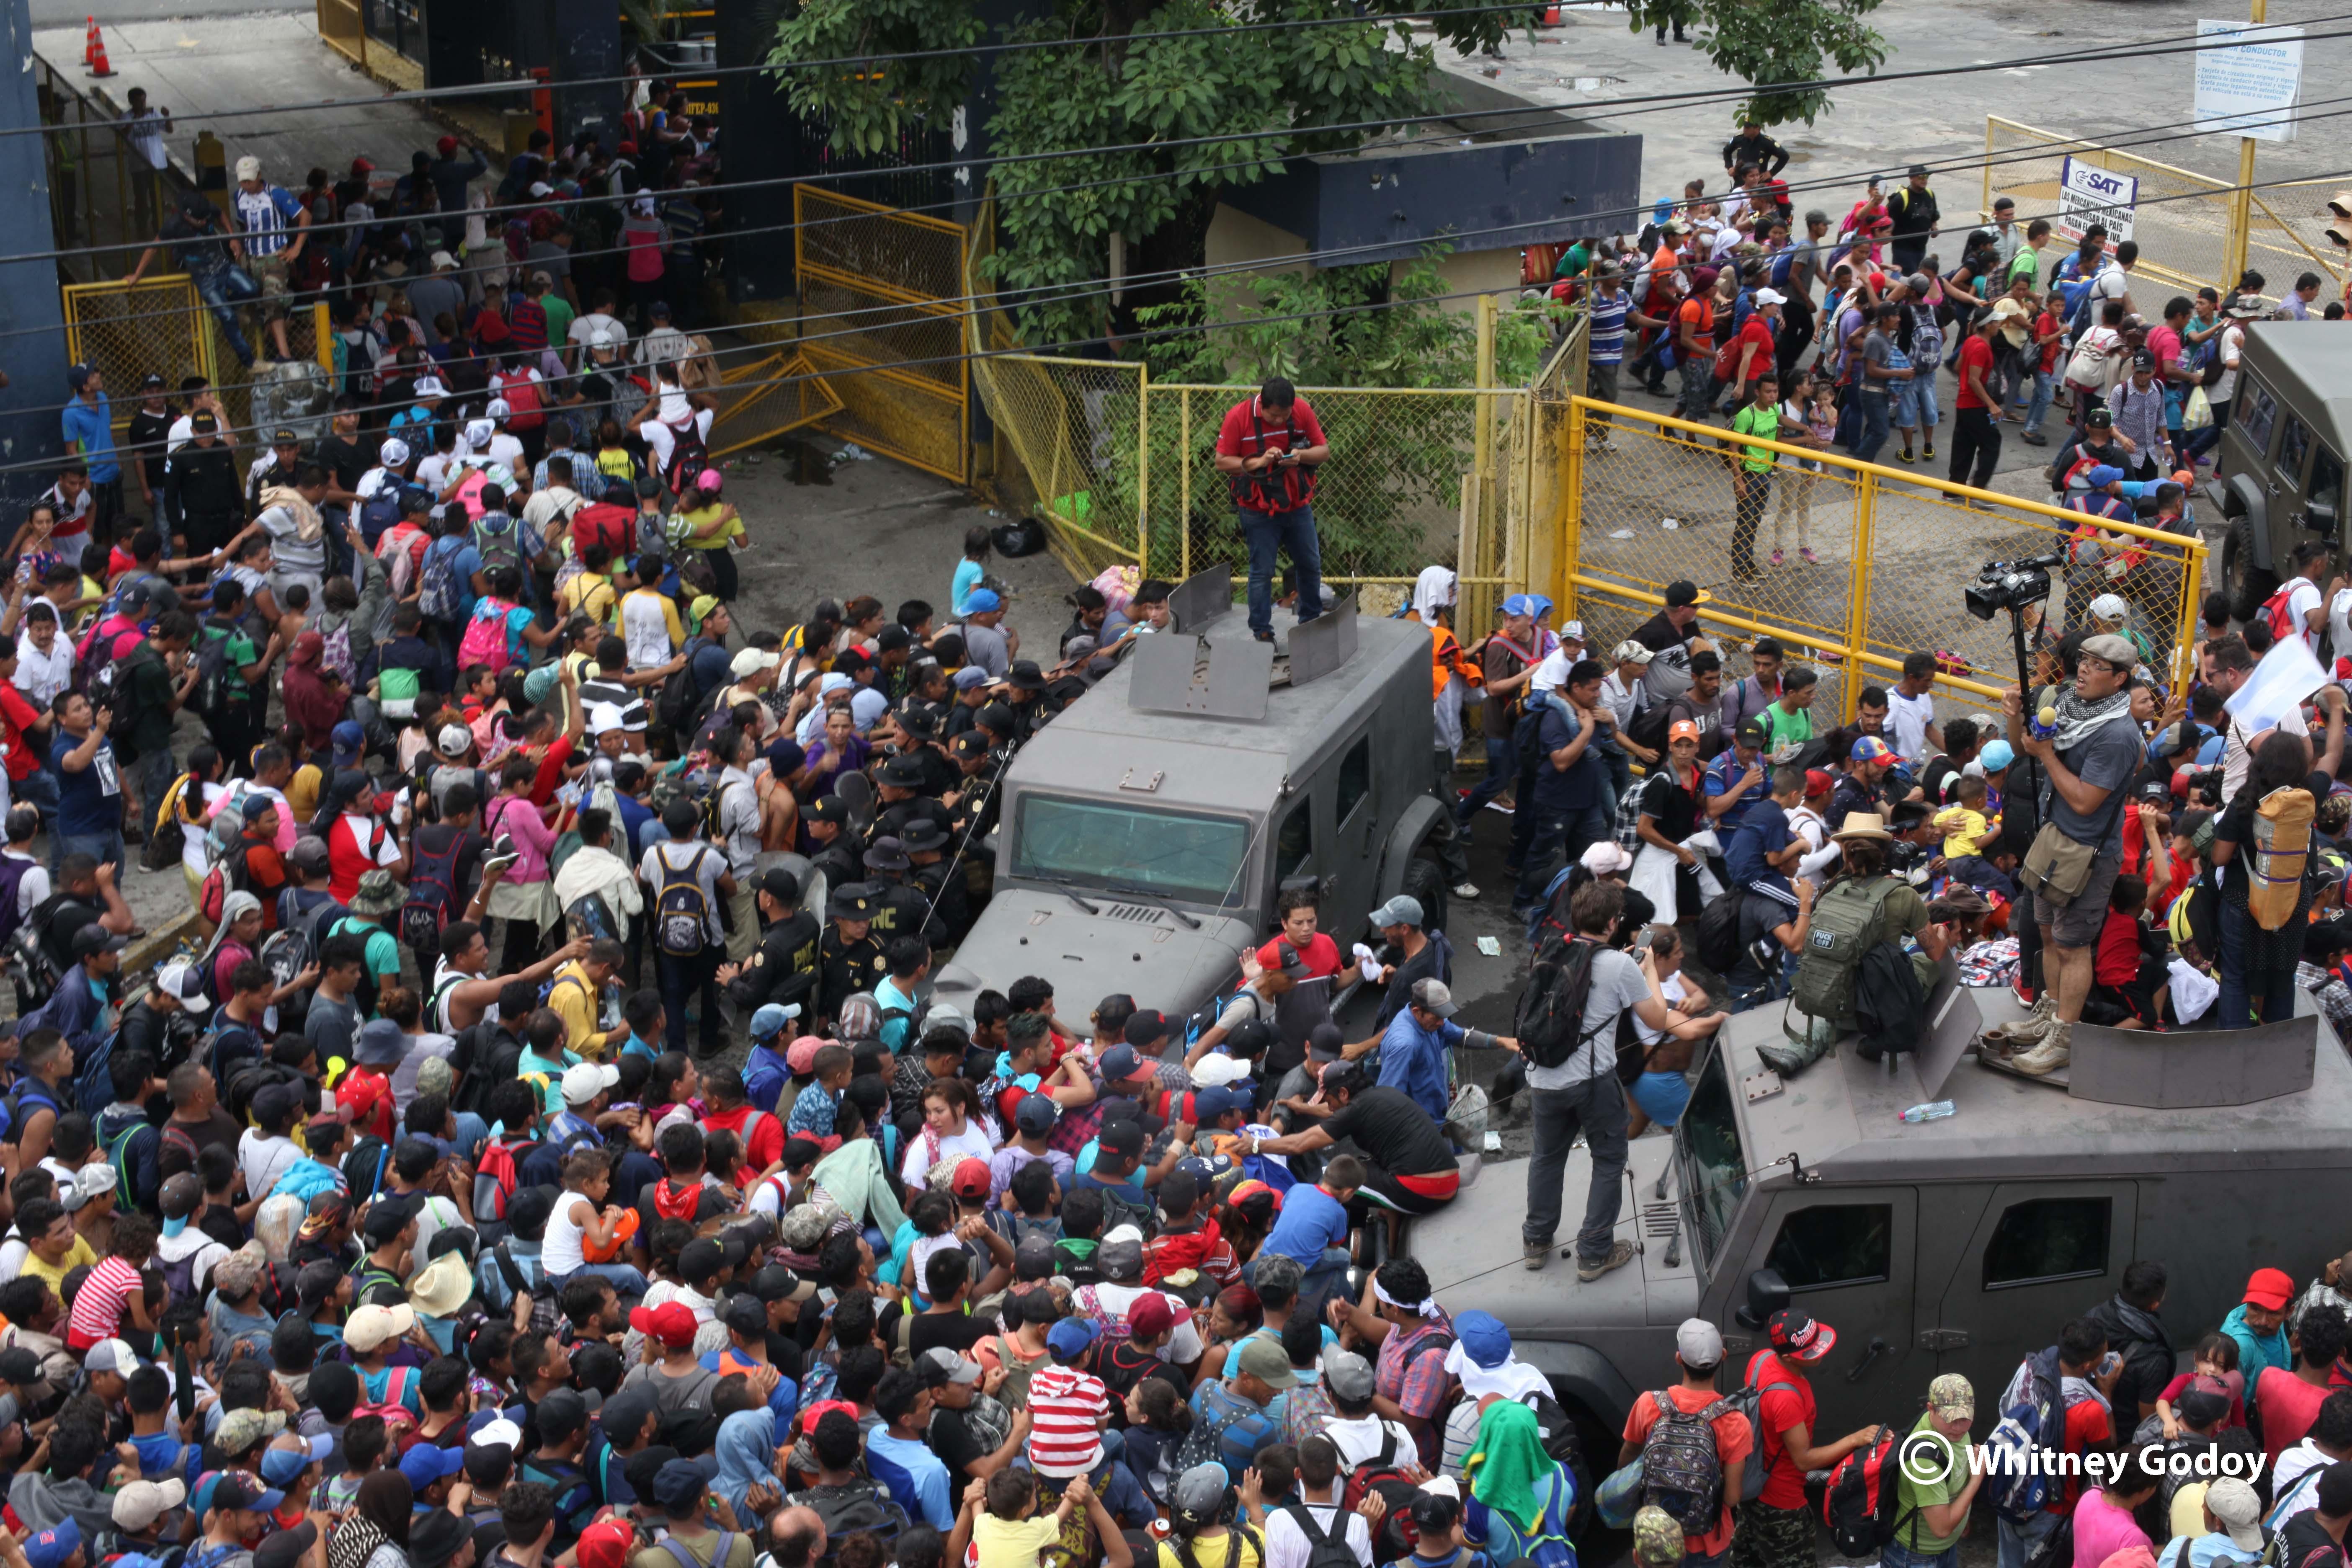 Honduras: de caravanas migrantes y fronteras inhumanas